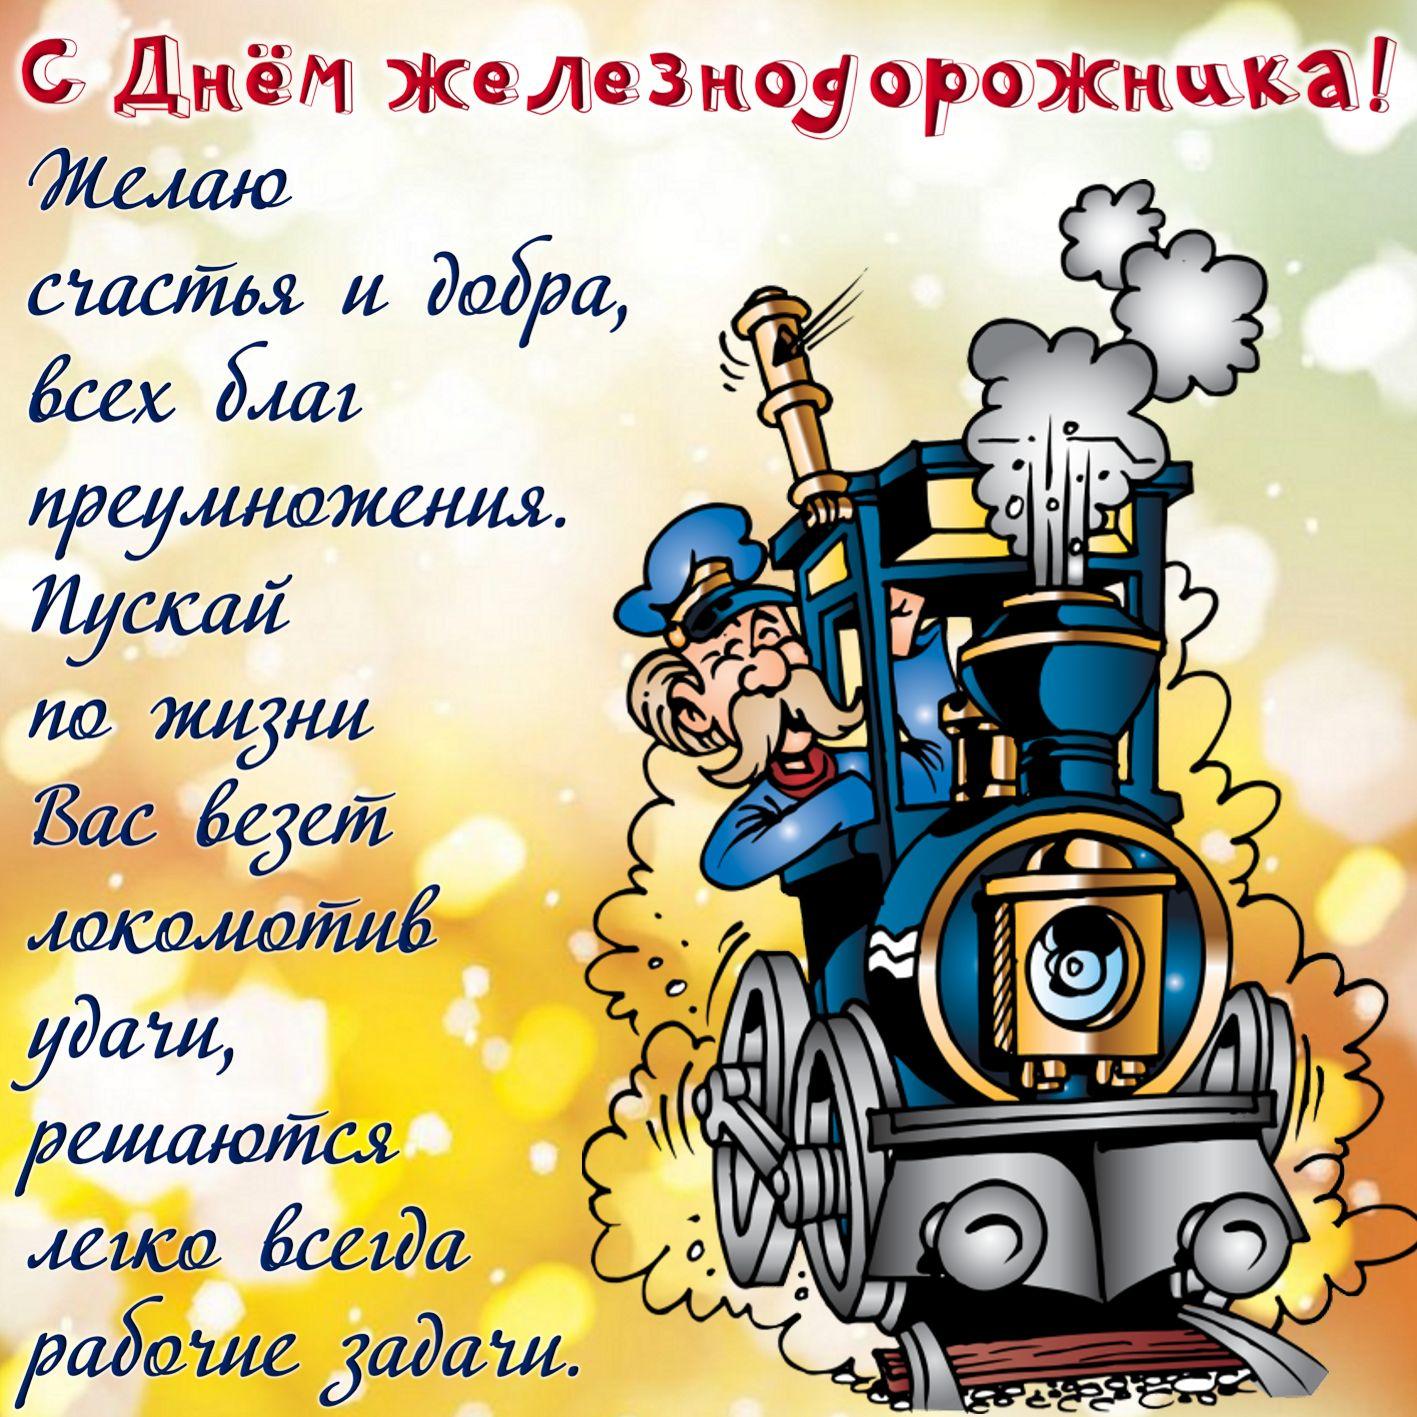 Поздравительные открытки с днем железнодорожника прикольные, картинки